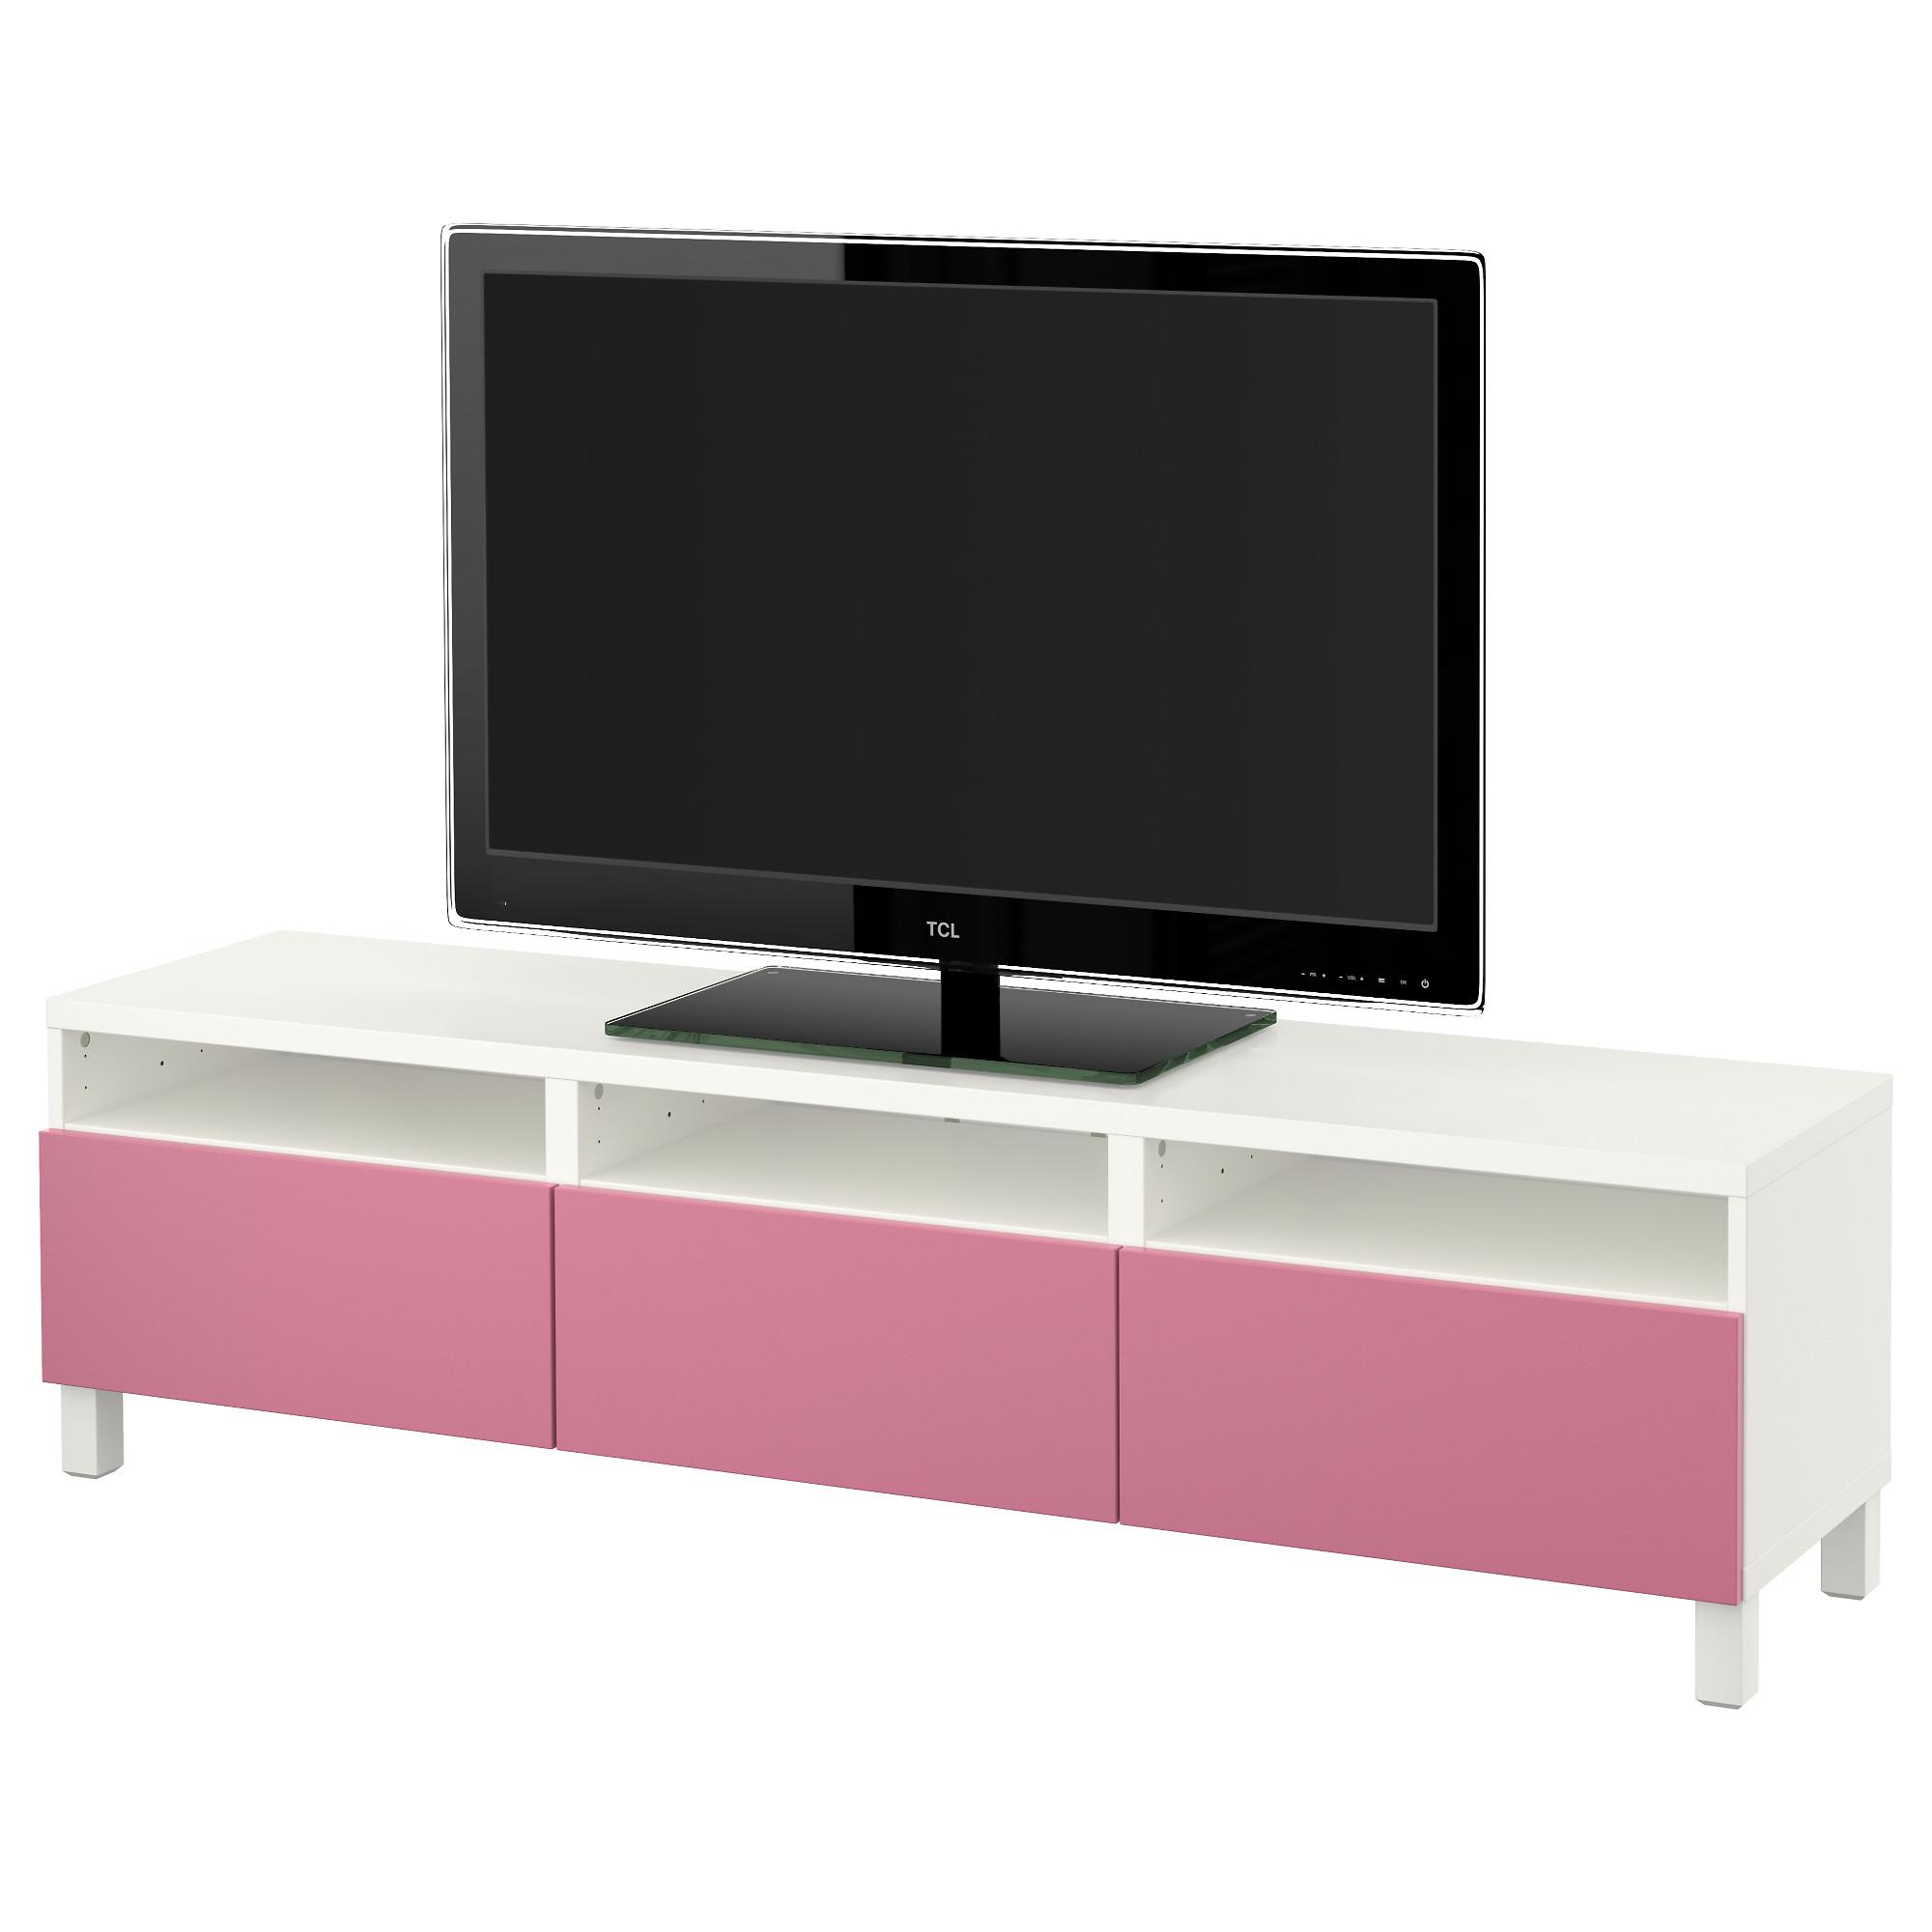 Тумба для ТВ с ящиками БЕСТО, белый, Лаппвикен малиновый (180x40x48 см)